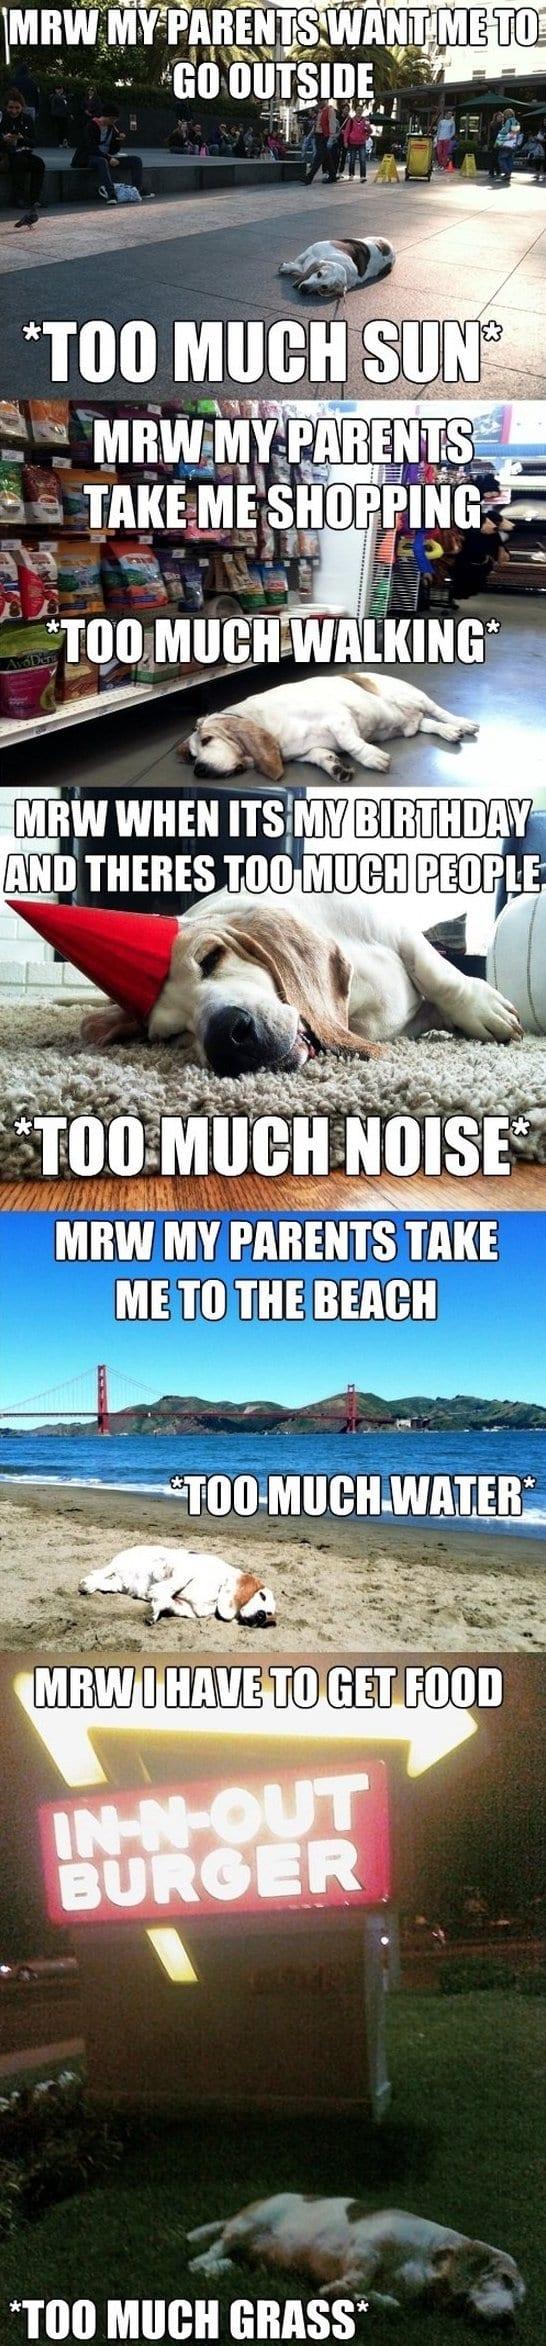 funny-meme-struggles-of-life-lol